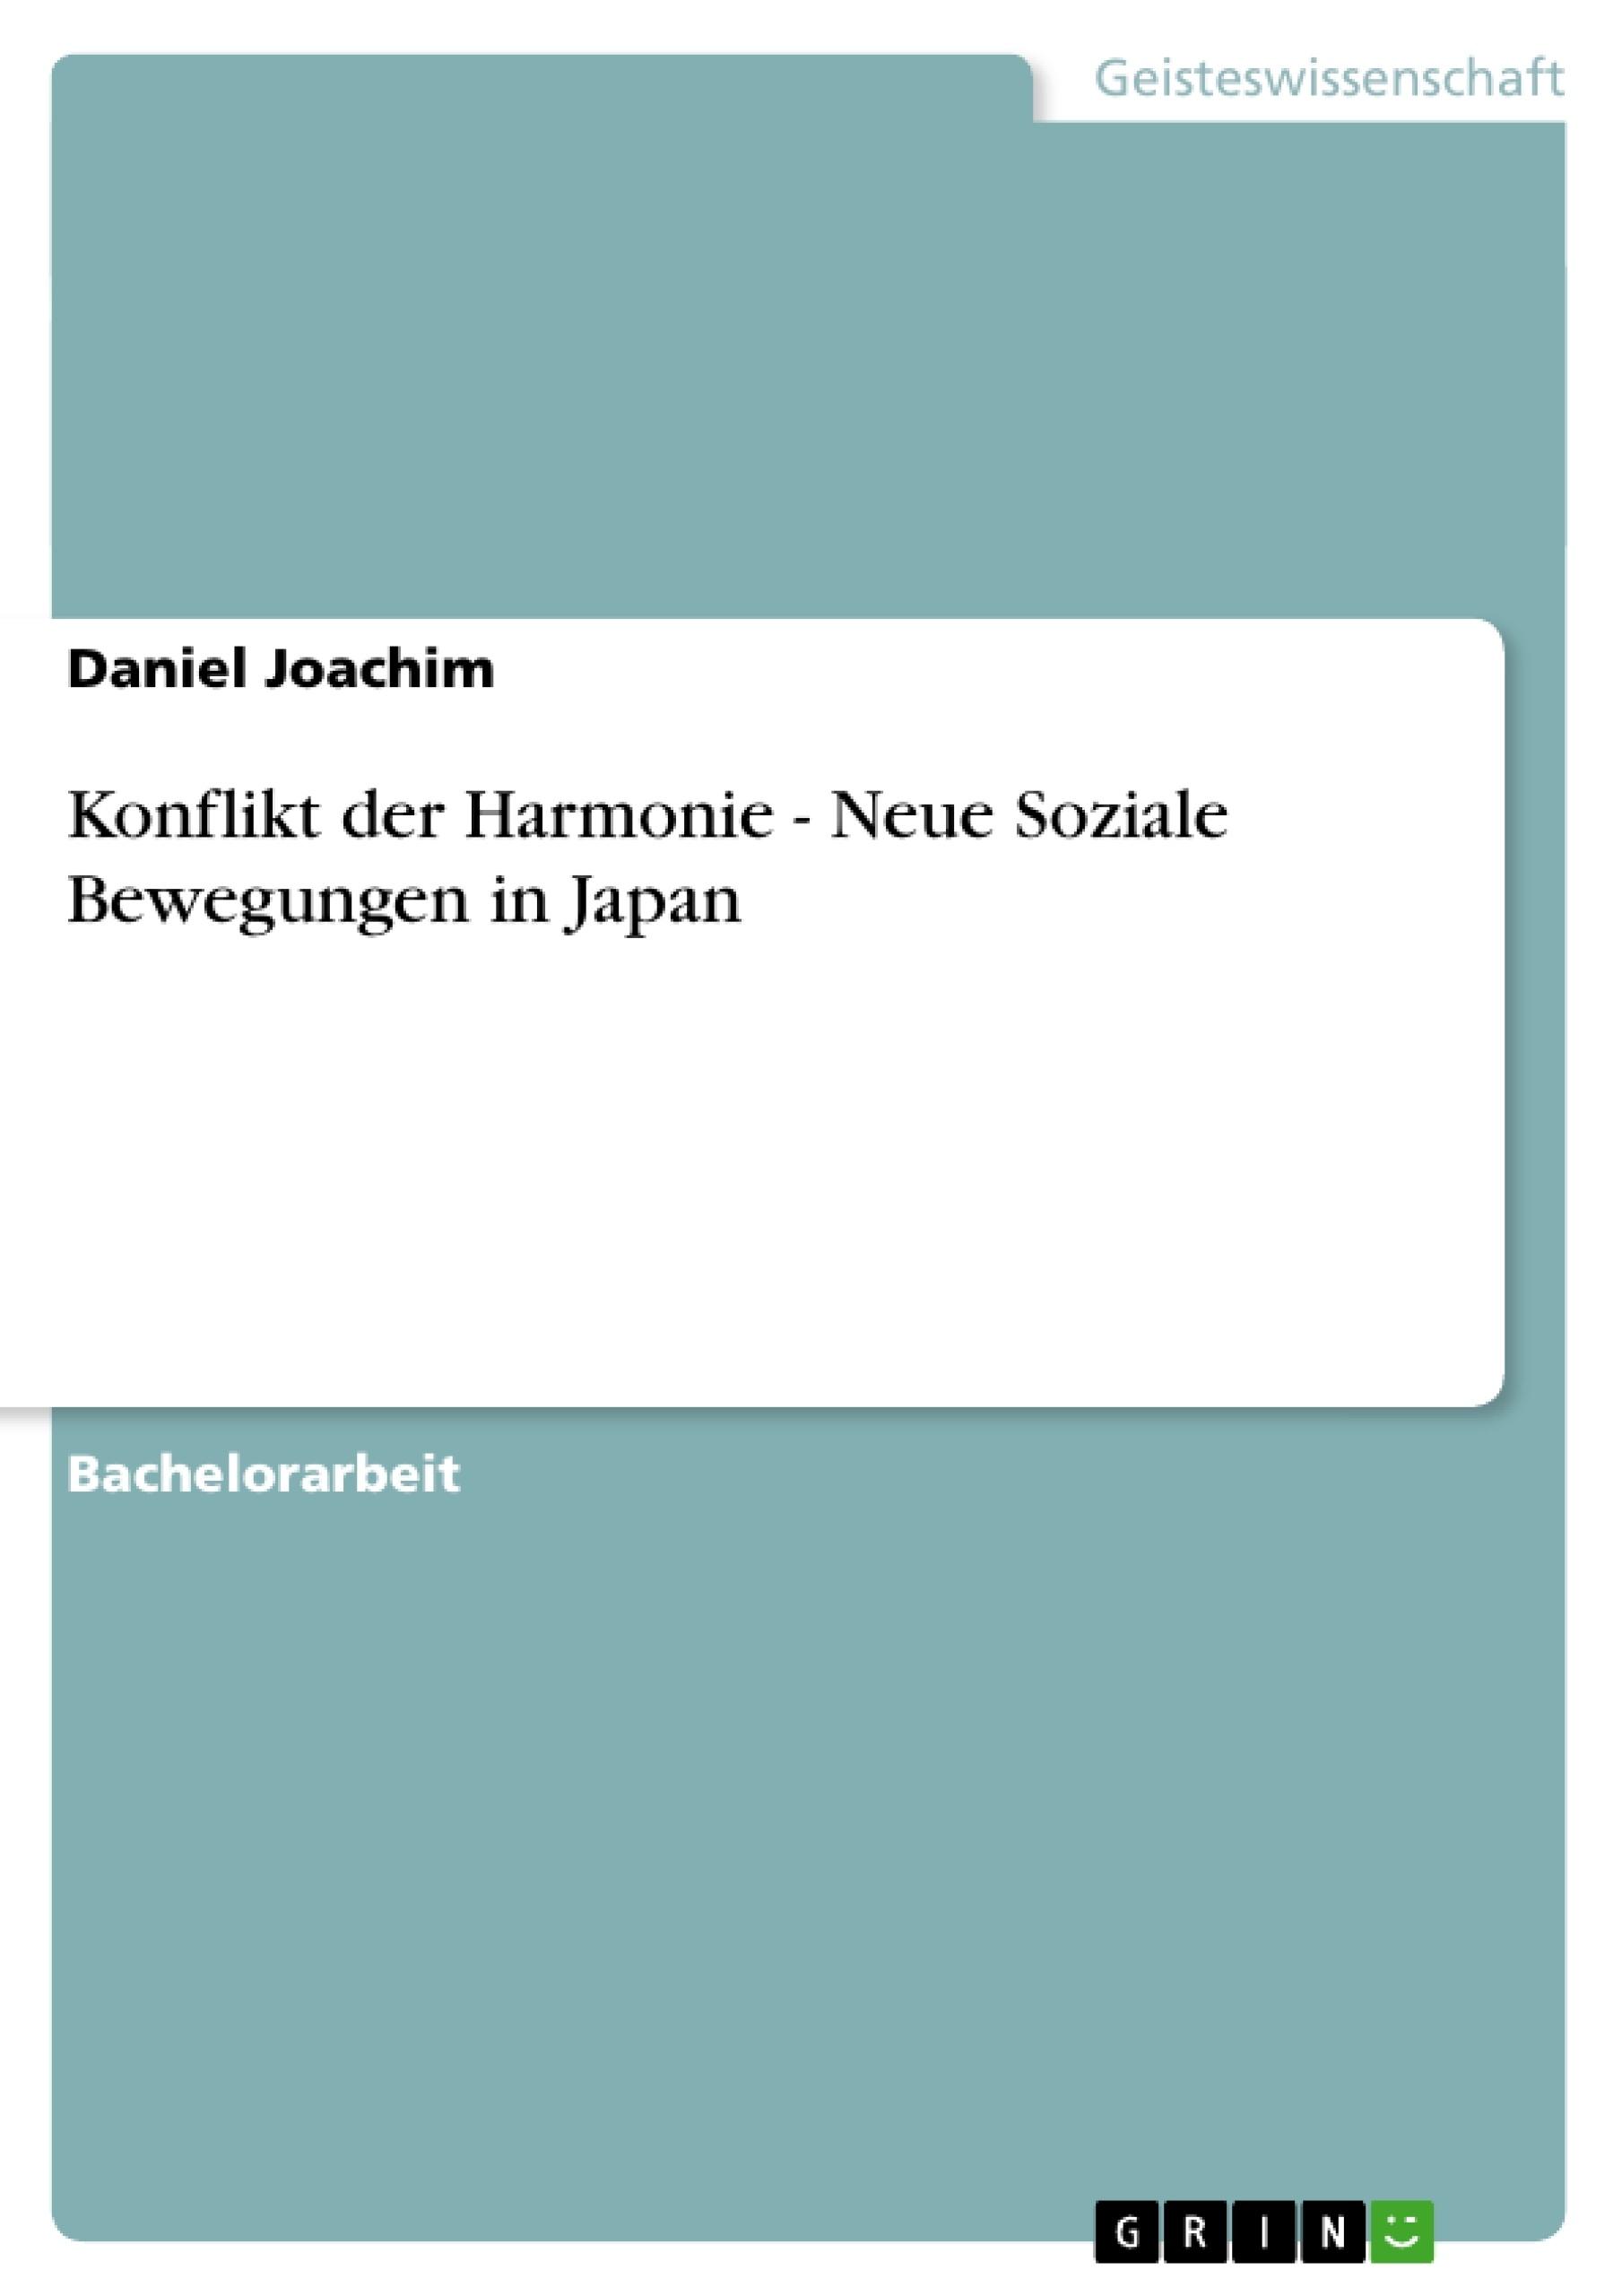 Titel: Konflikt der Harmonie - Neue Soziale Bewegungen in Japan